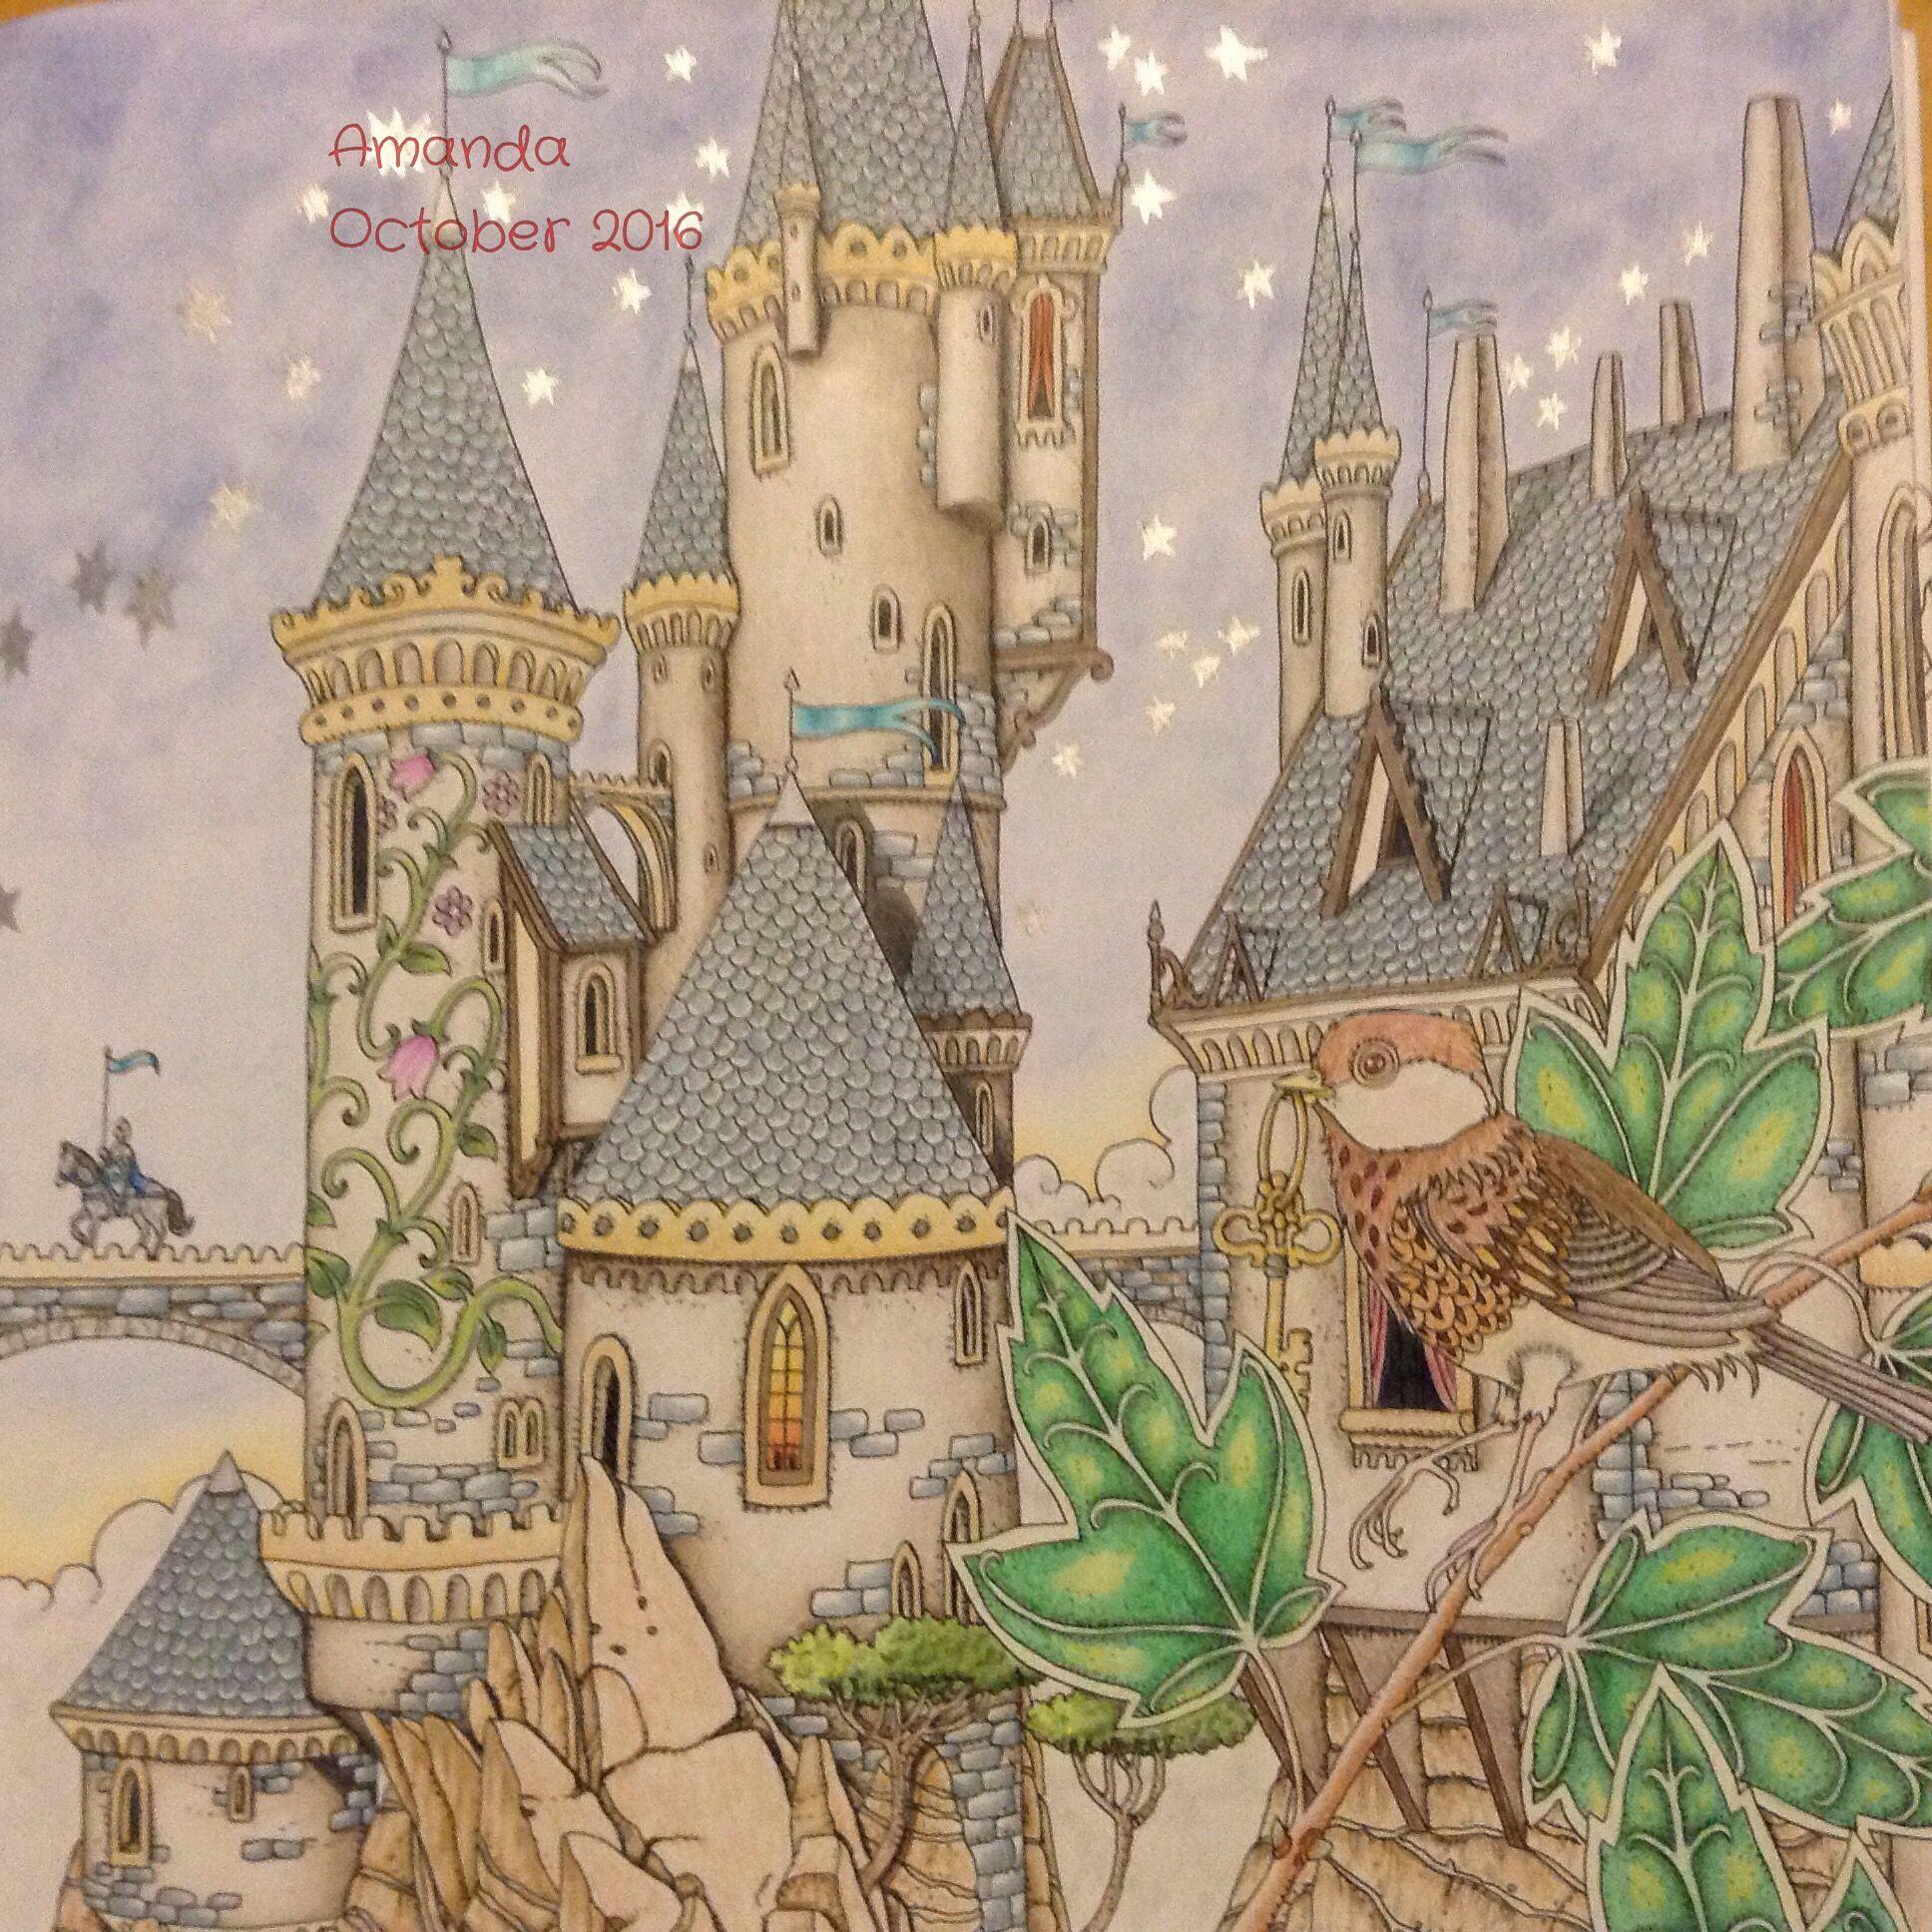 From Zemlja Snova. The Artist For This Book Is Tomislav